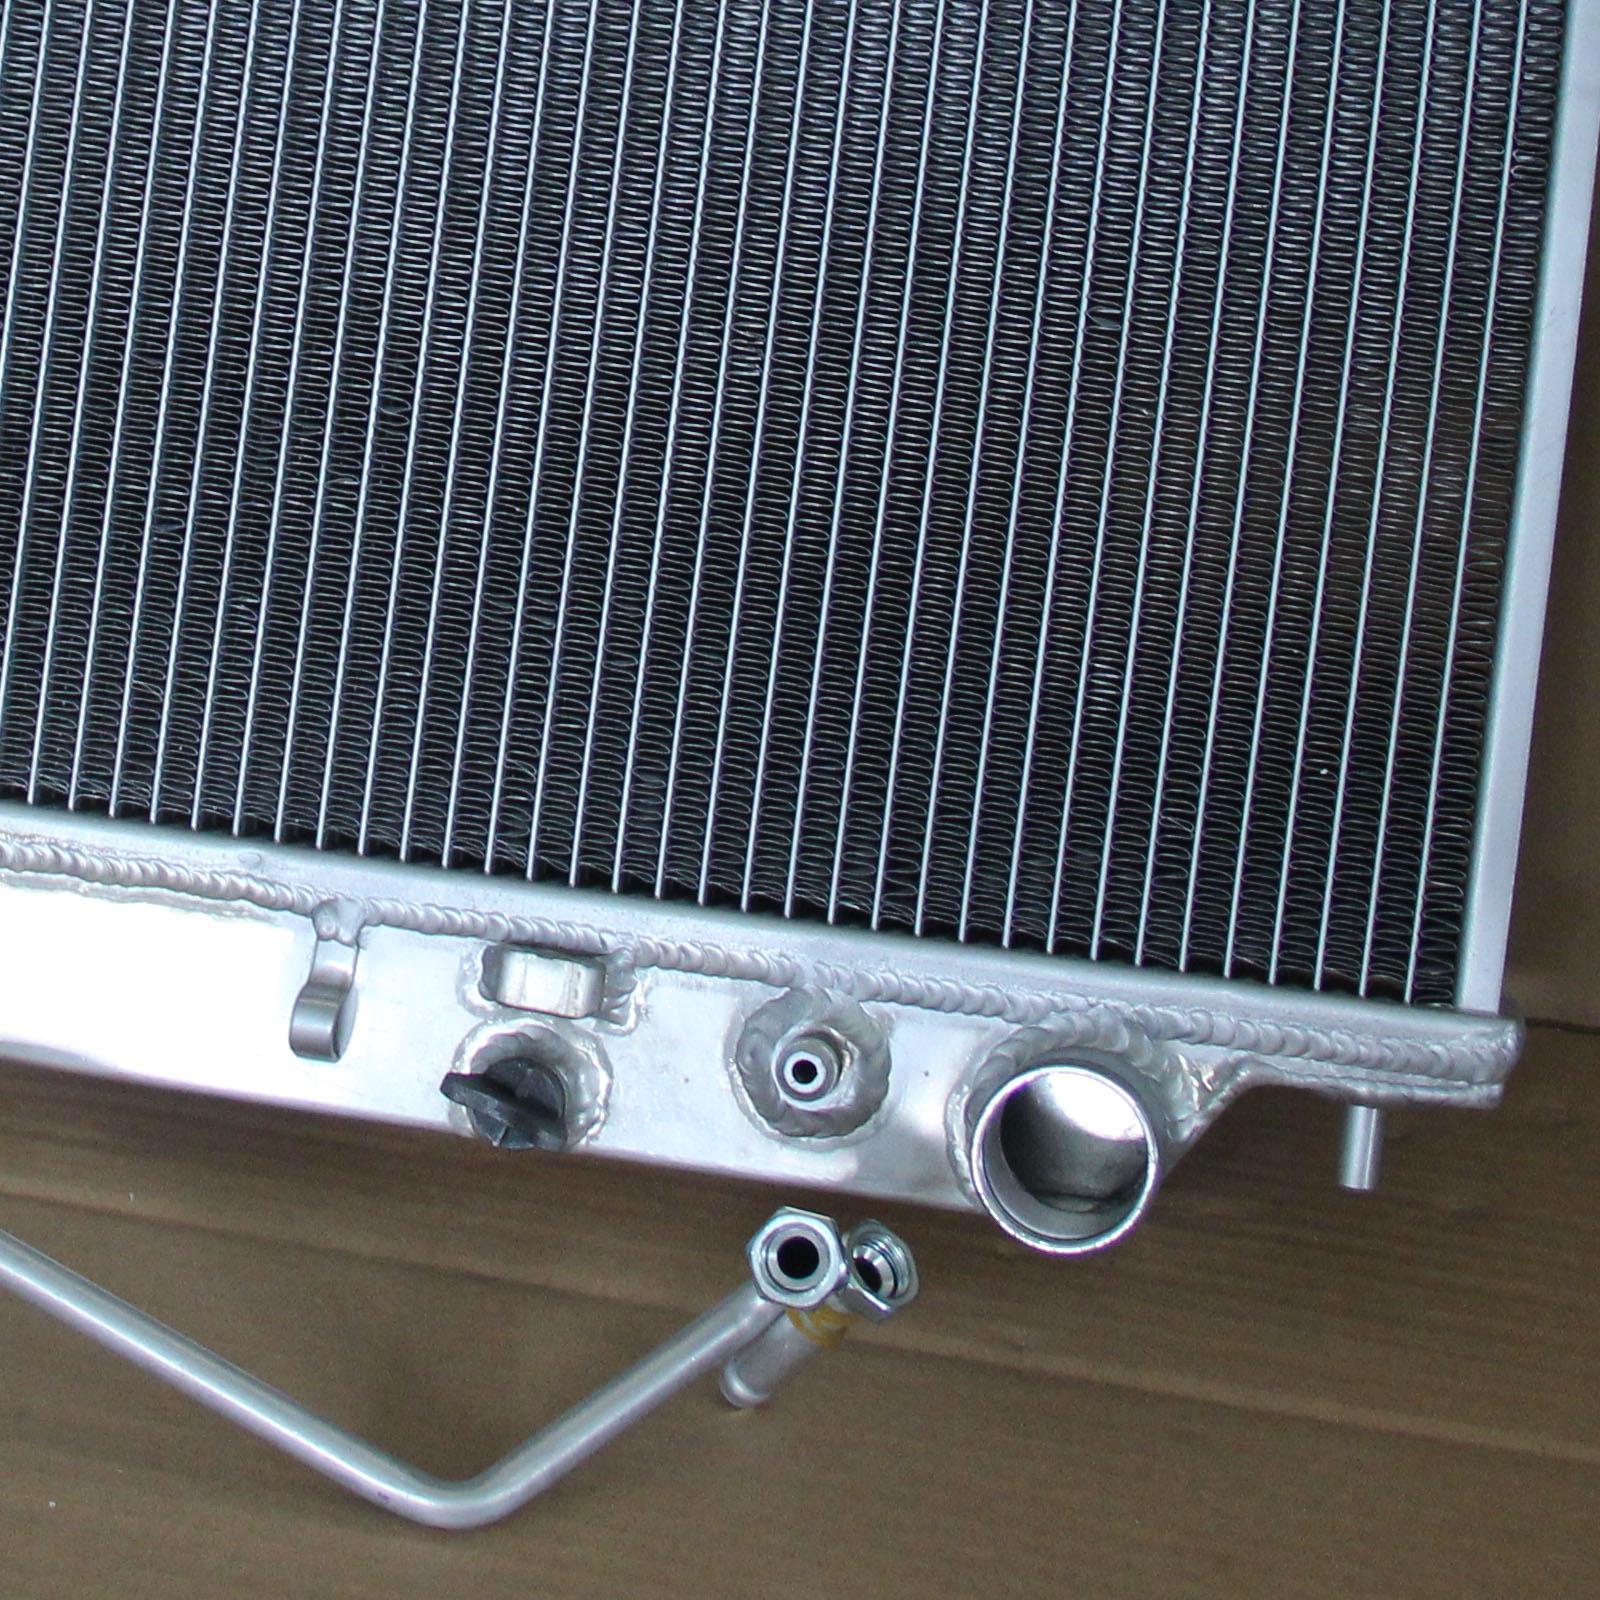 2Row Aluminum Radiator For 1998-2004 Isuzu Rodeo Sport Amigo 3.2L V6